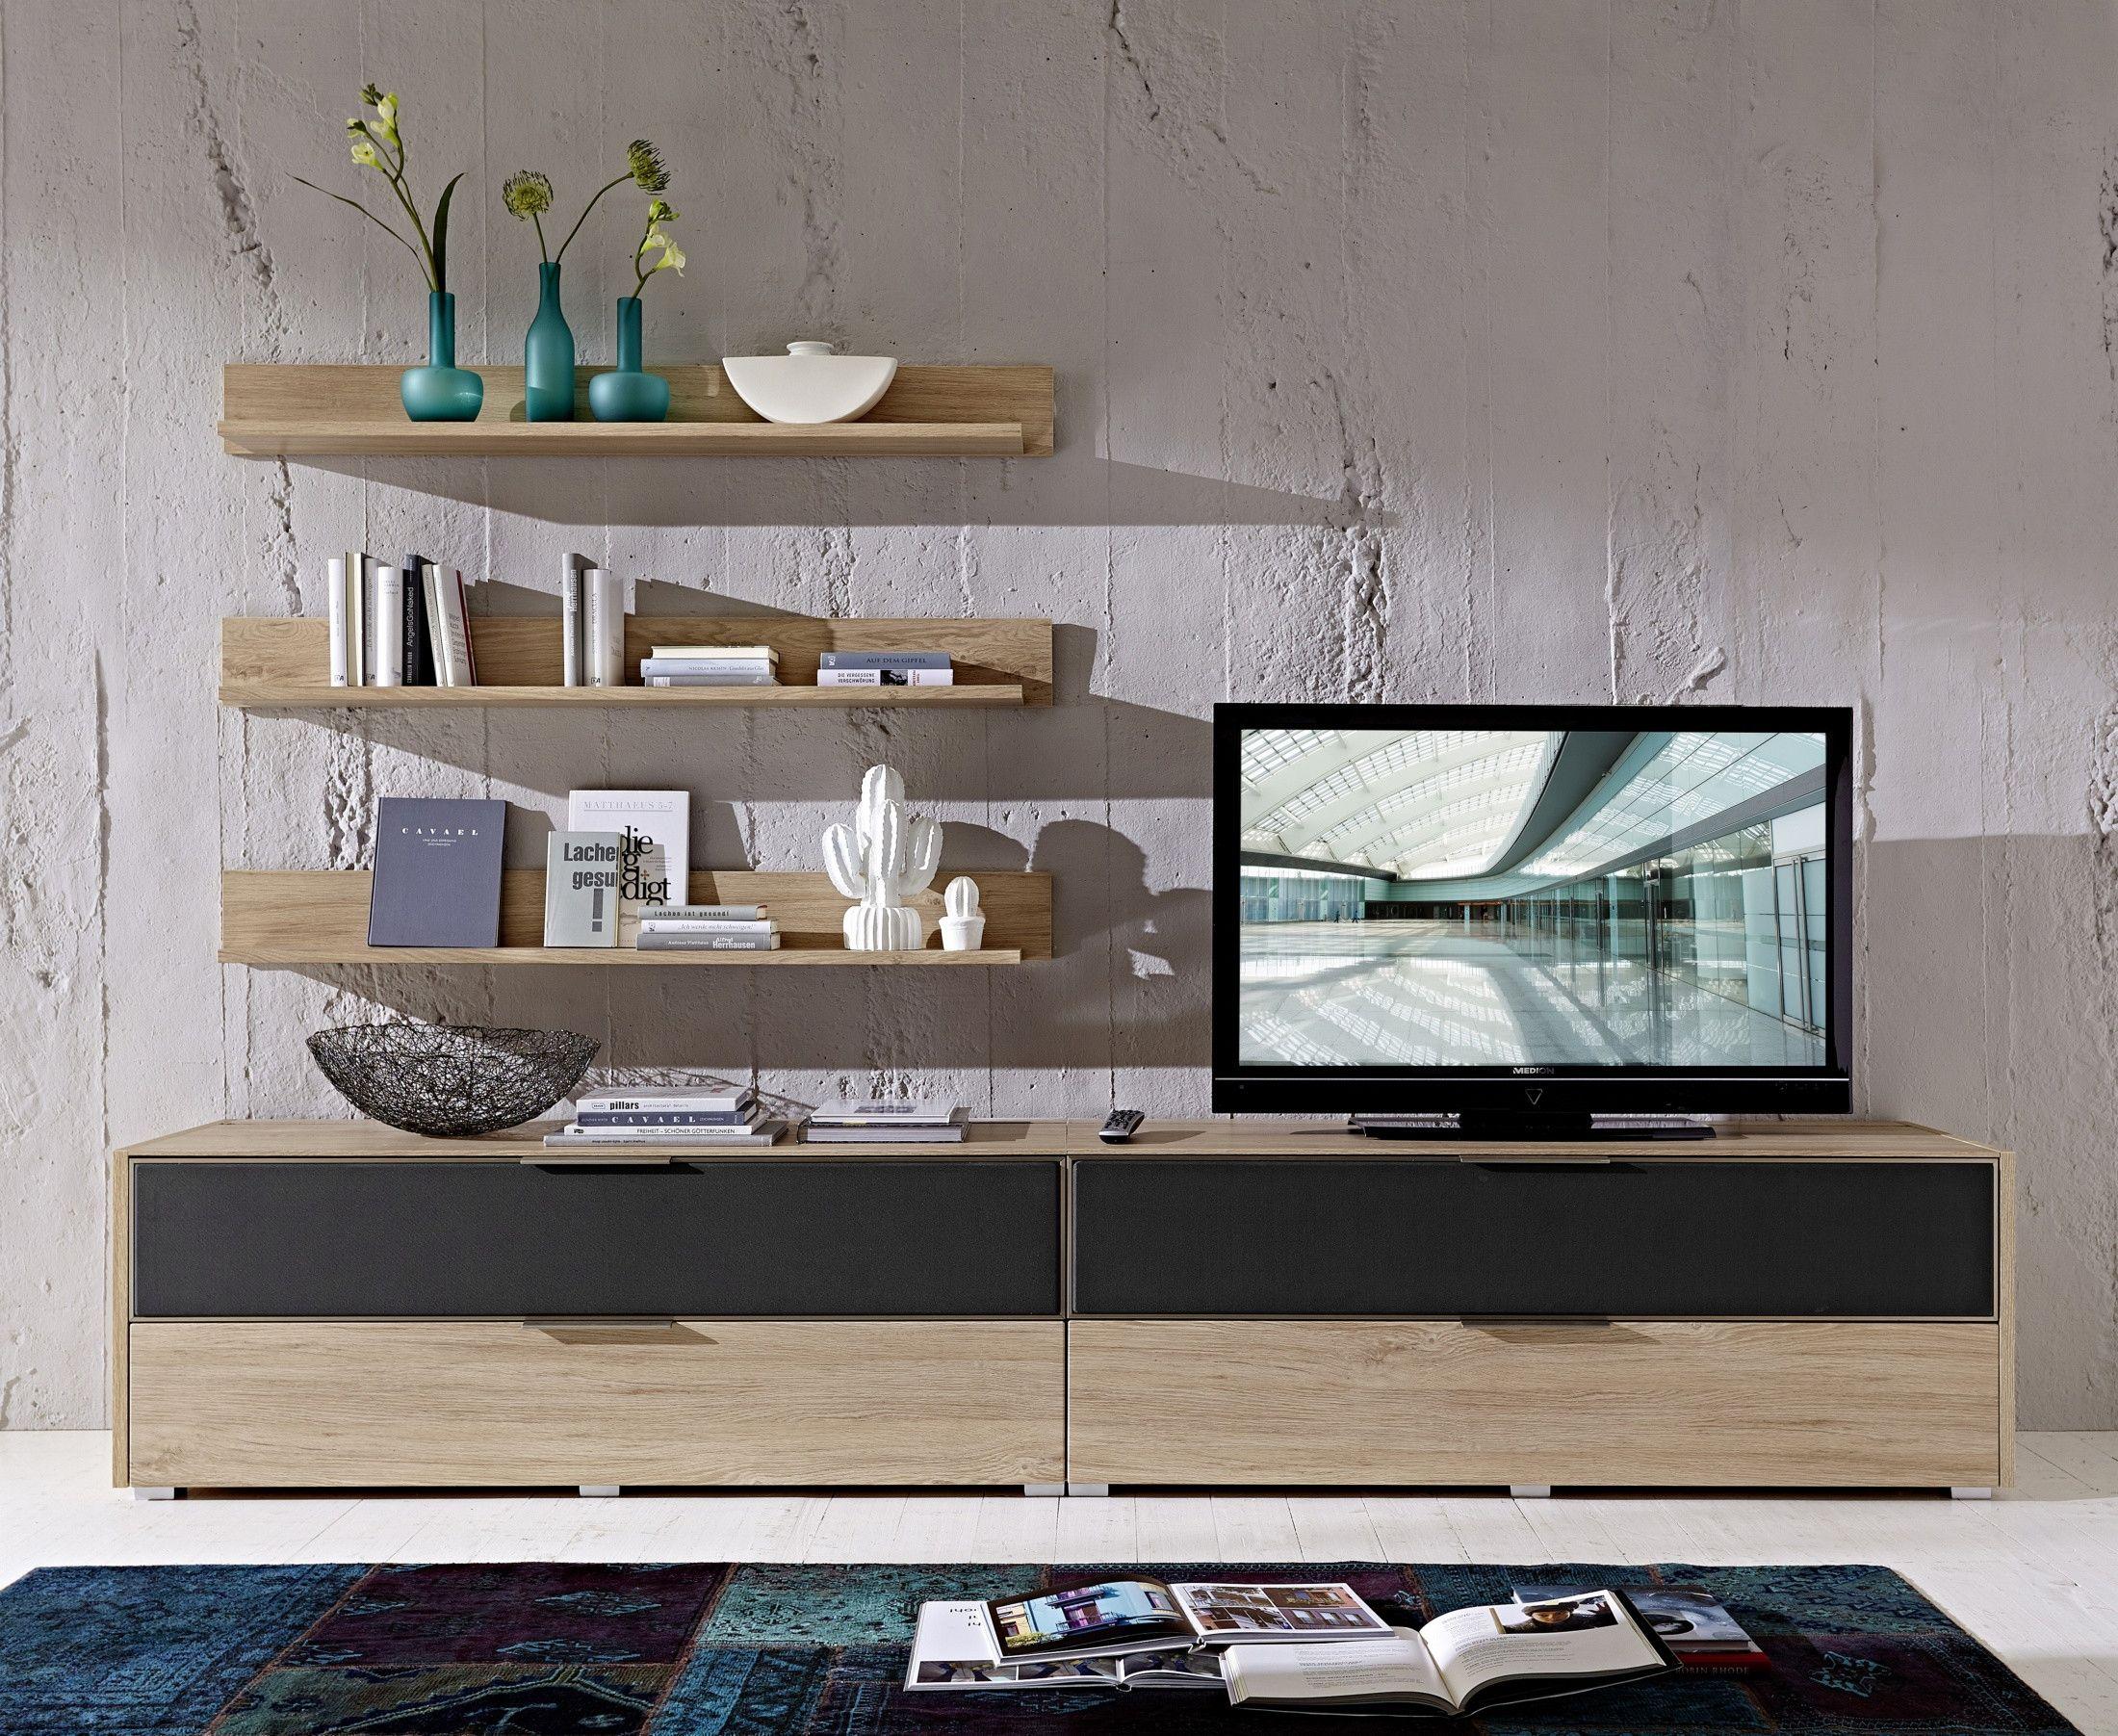 wohnwand eiche alurahmen mit akustikstoff grau woody 22 00817 modern jetzt bestellen unter. Black Bedroom Furniture Sets. Home Design Ideas